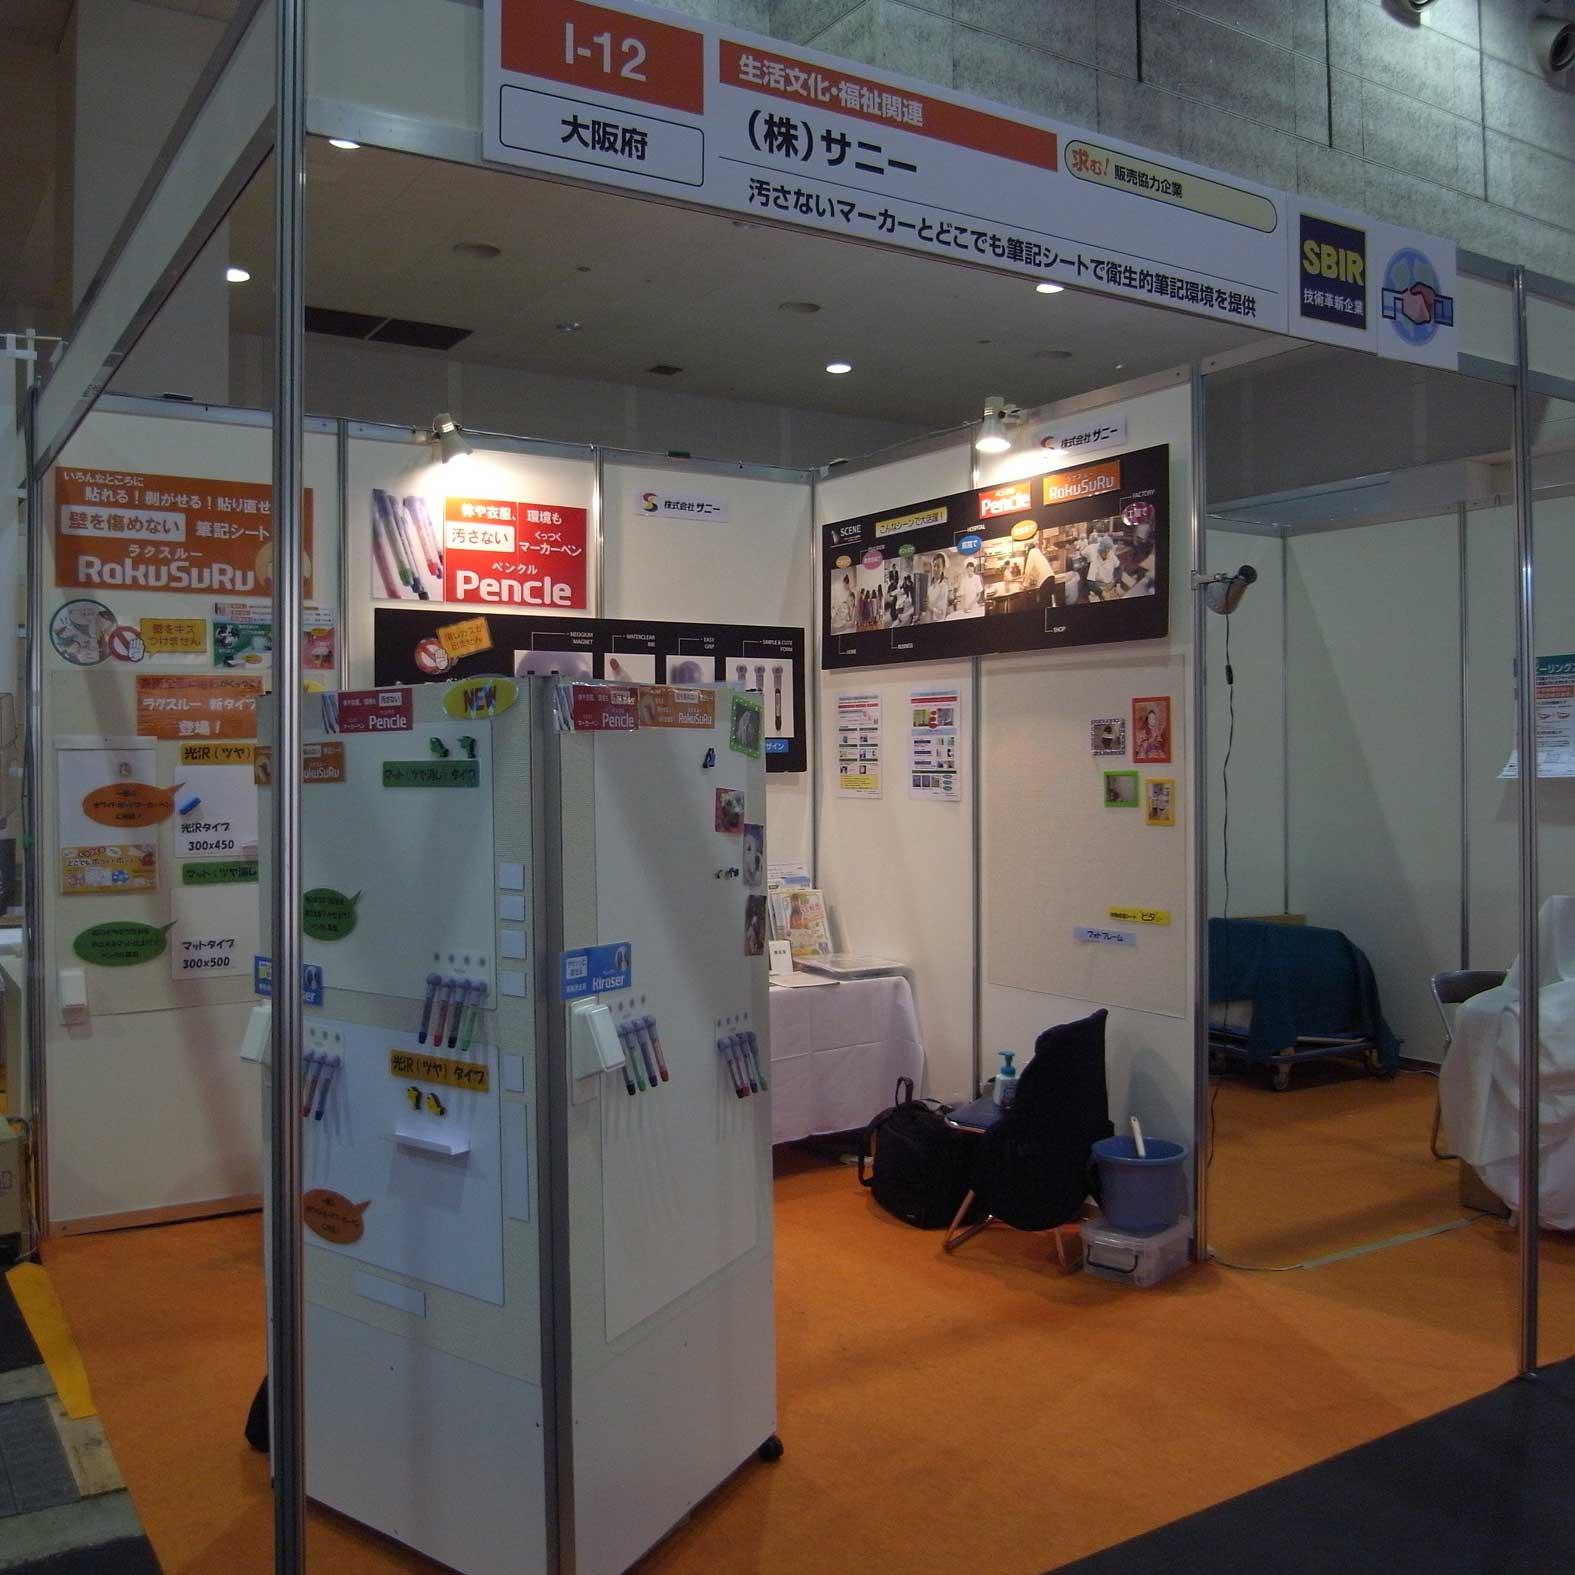 中小企業総合展 in KANSAI ブース